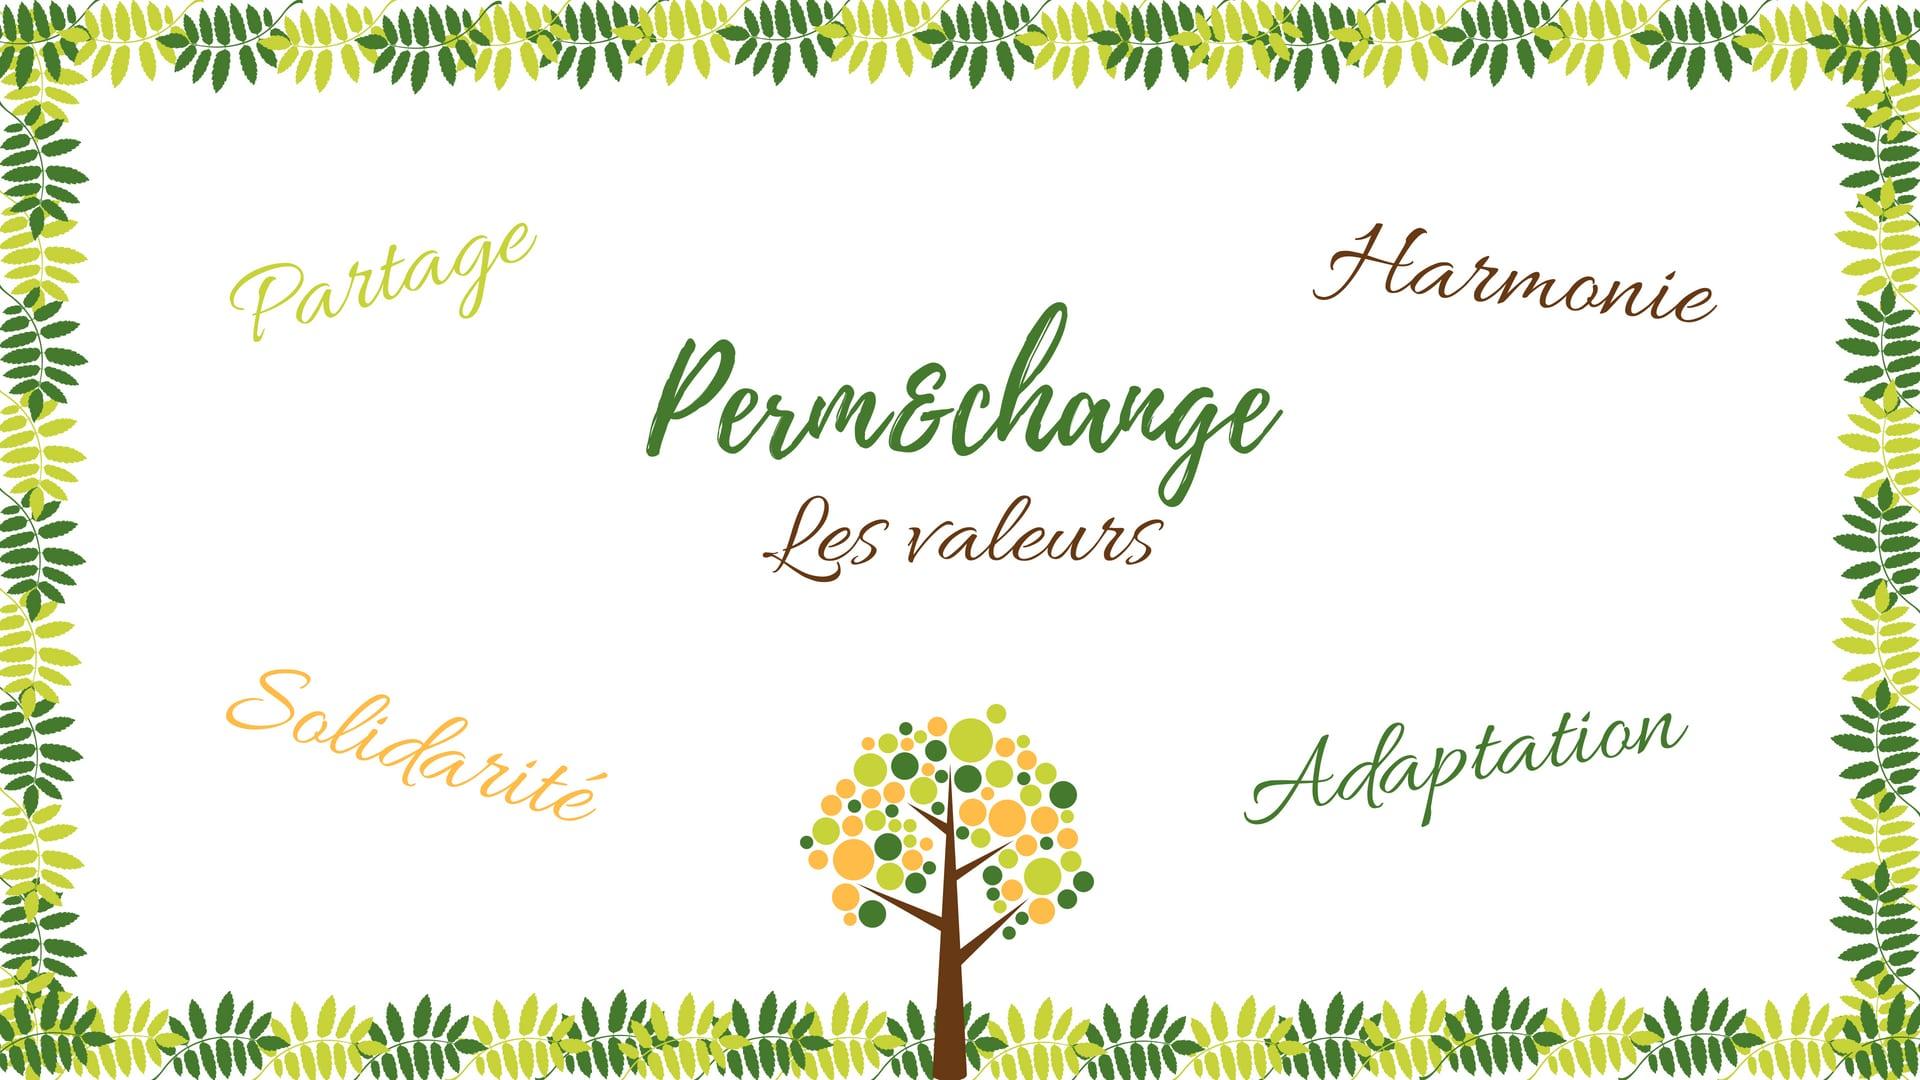 Quelques valeurs du projet Perm&change: Solidarite, Partage, Hamonie et Adaptation.